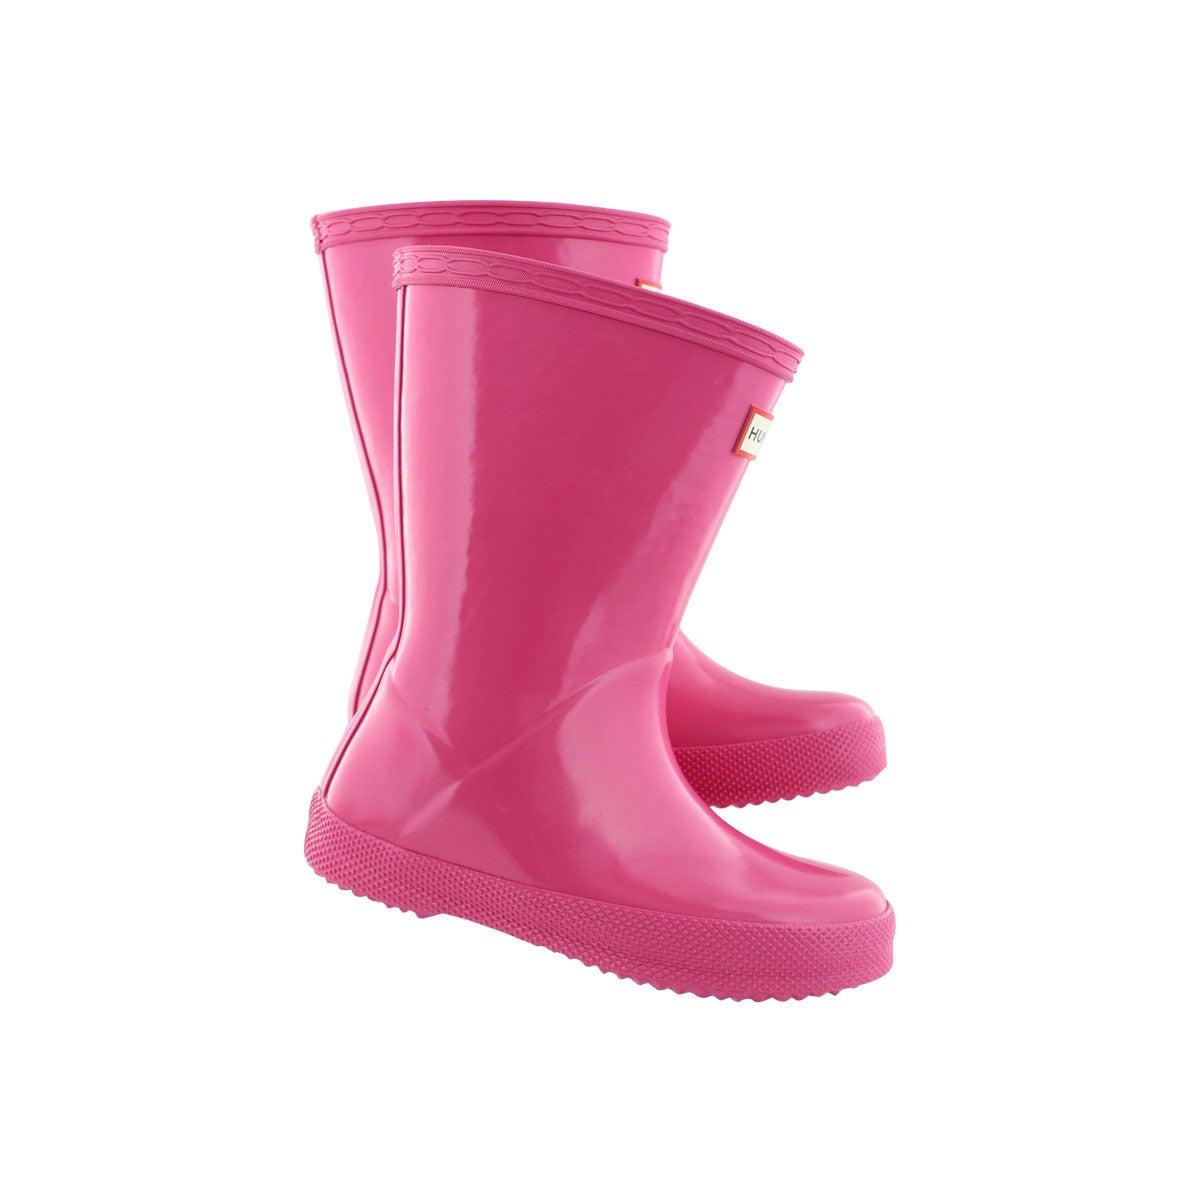 Infs-g First Classic Gloss fch rain boot